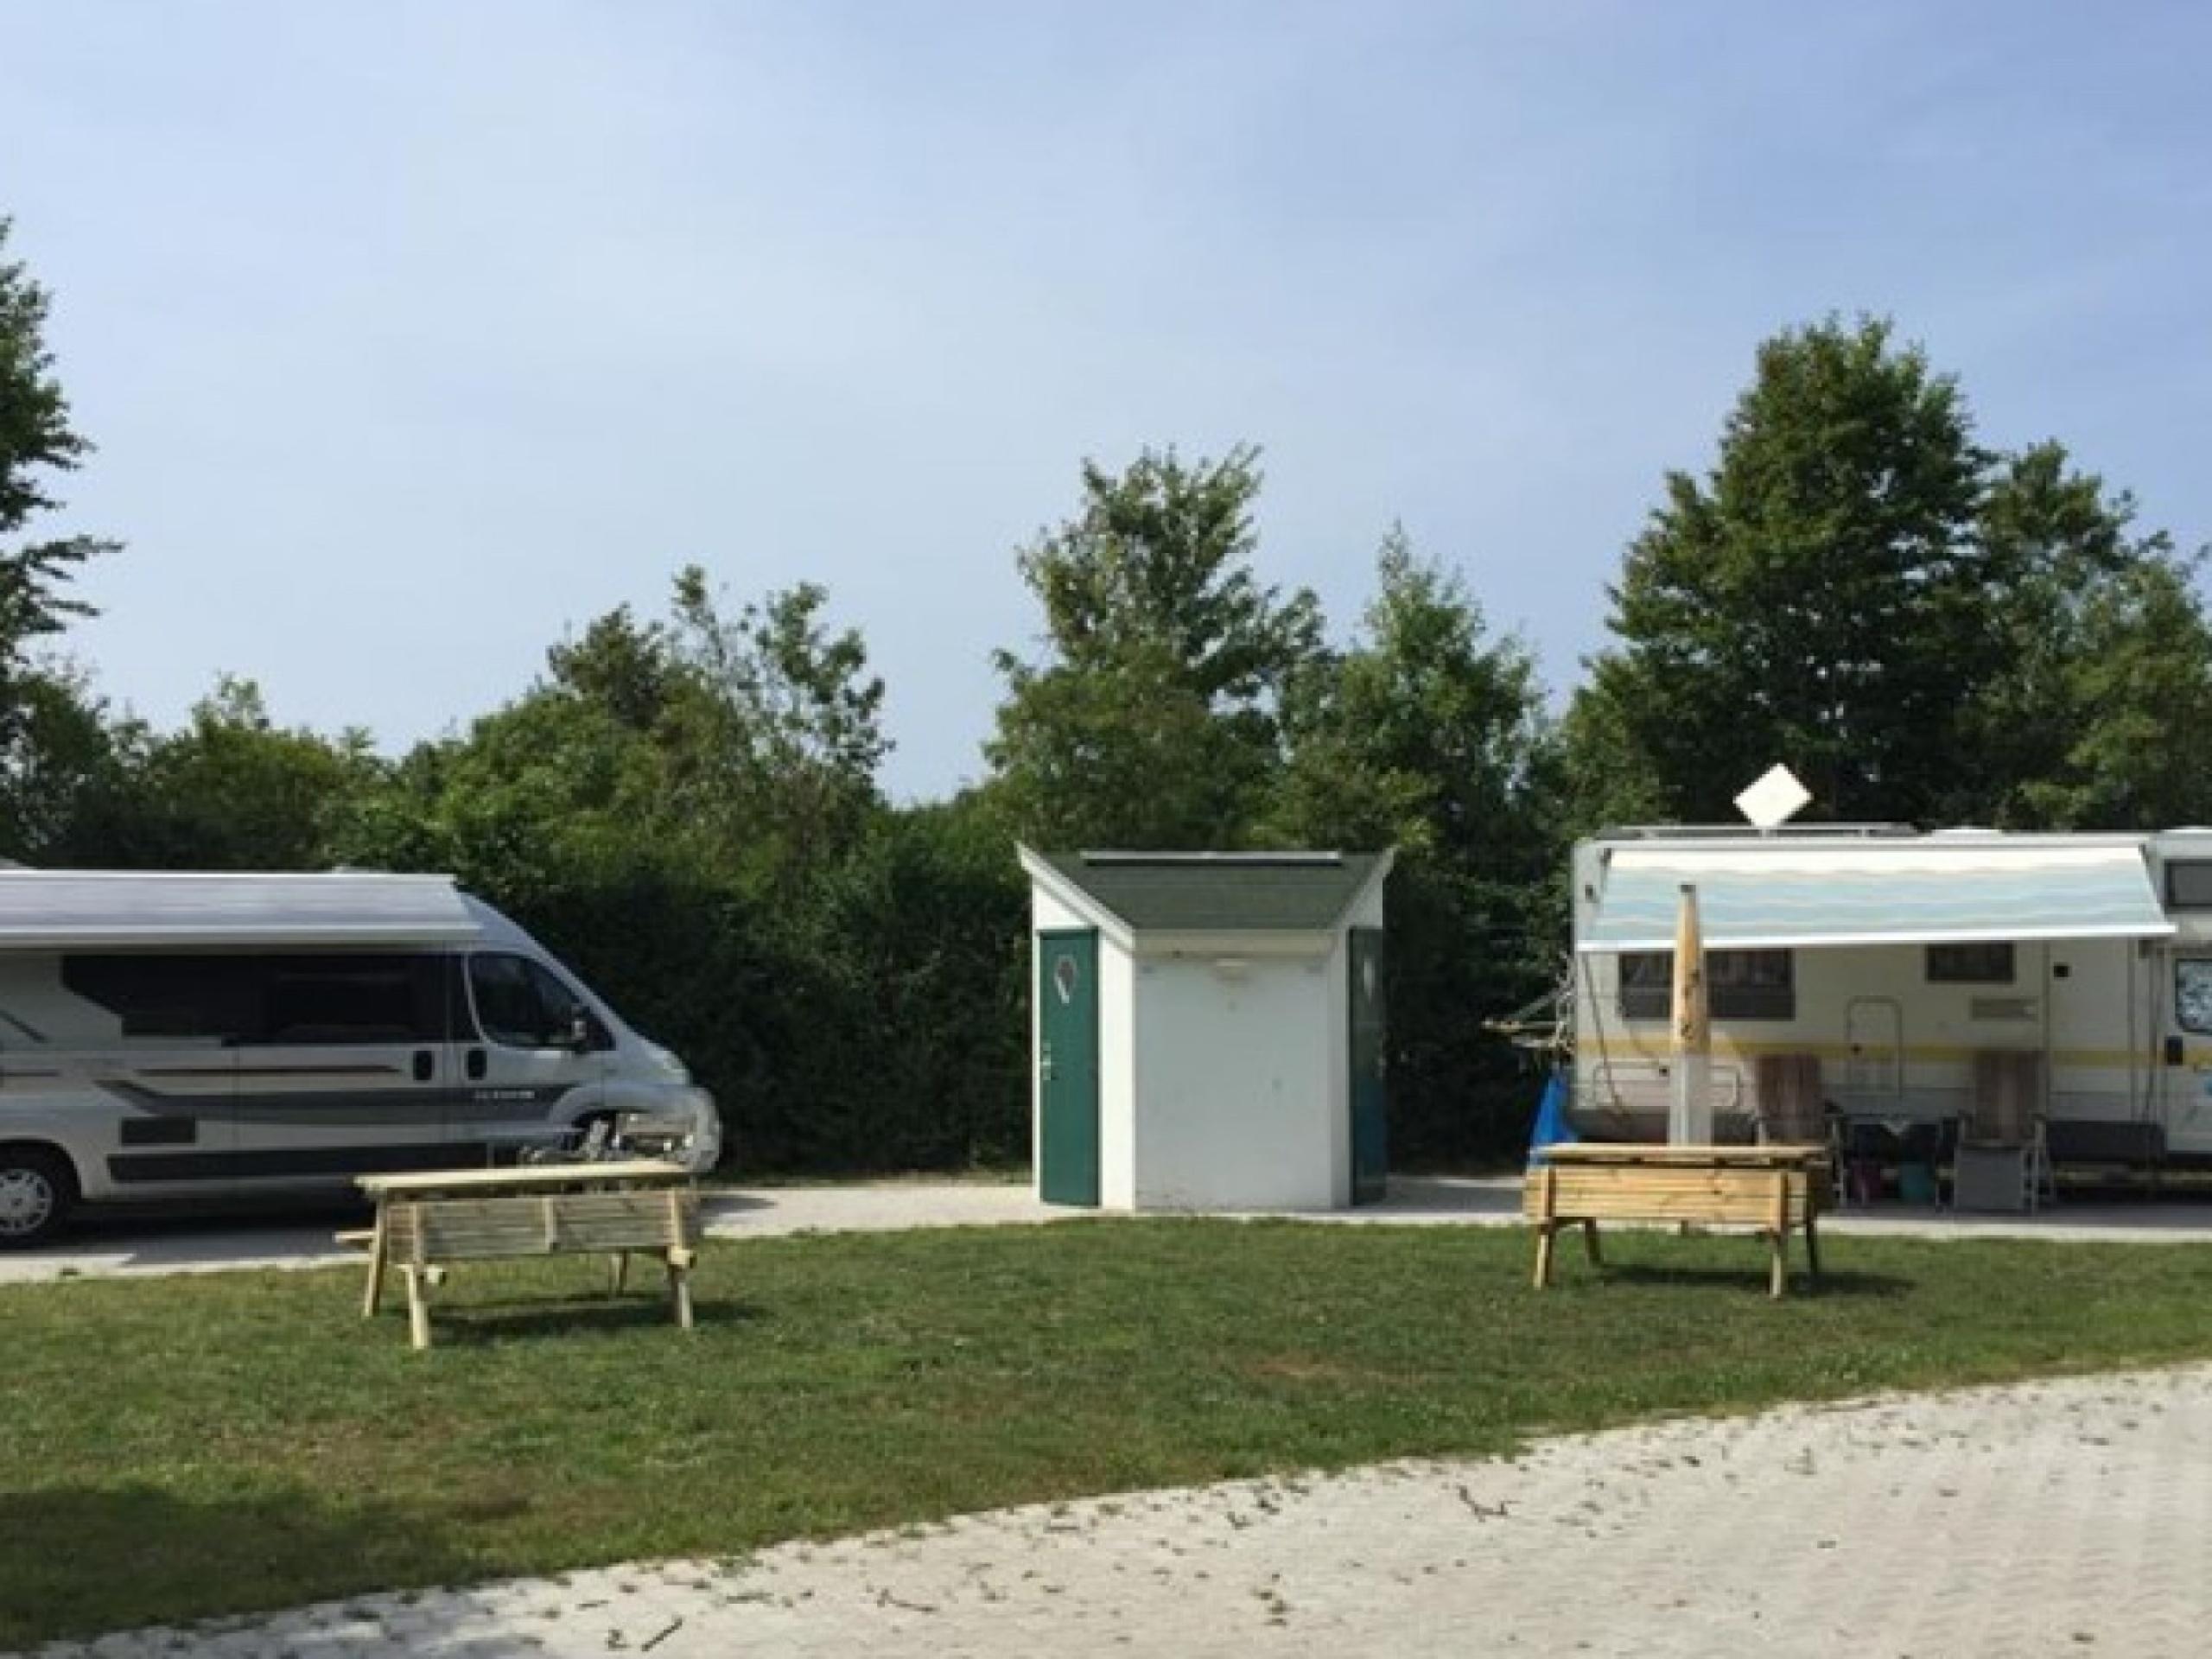 Komfortabler Wohnmobilstellplatz mit eigenen Sanitäranlagen mitten im Wald De Dennen